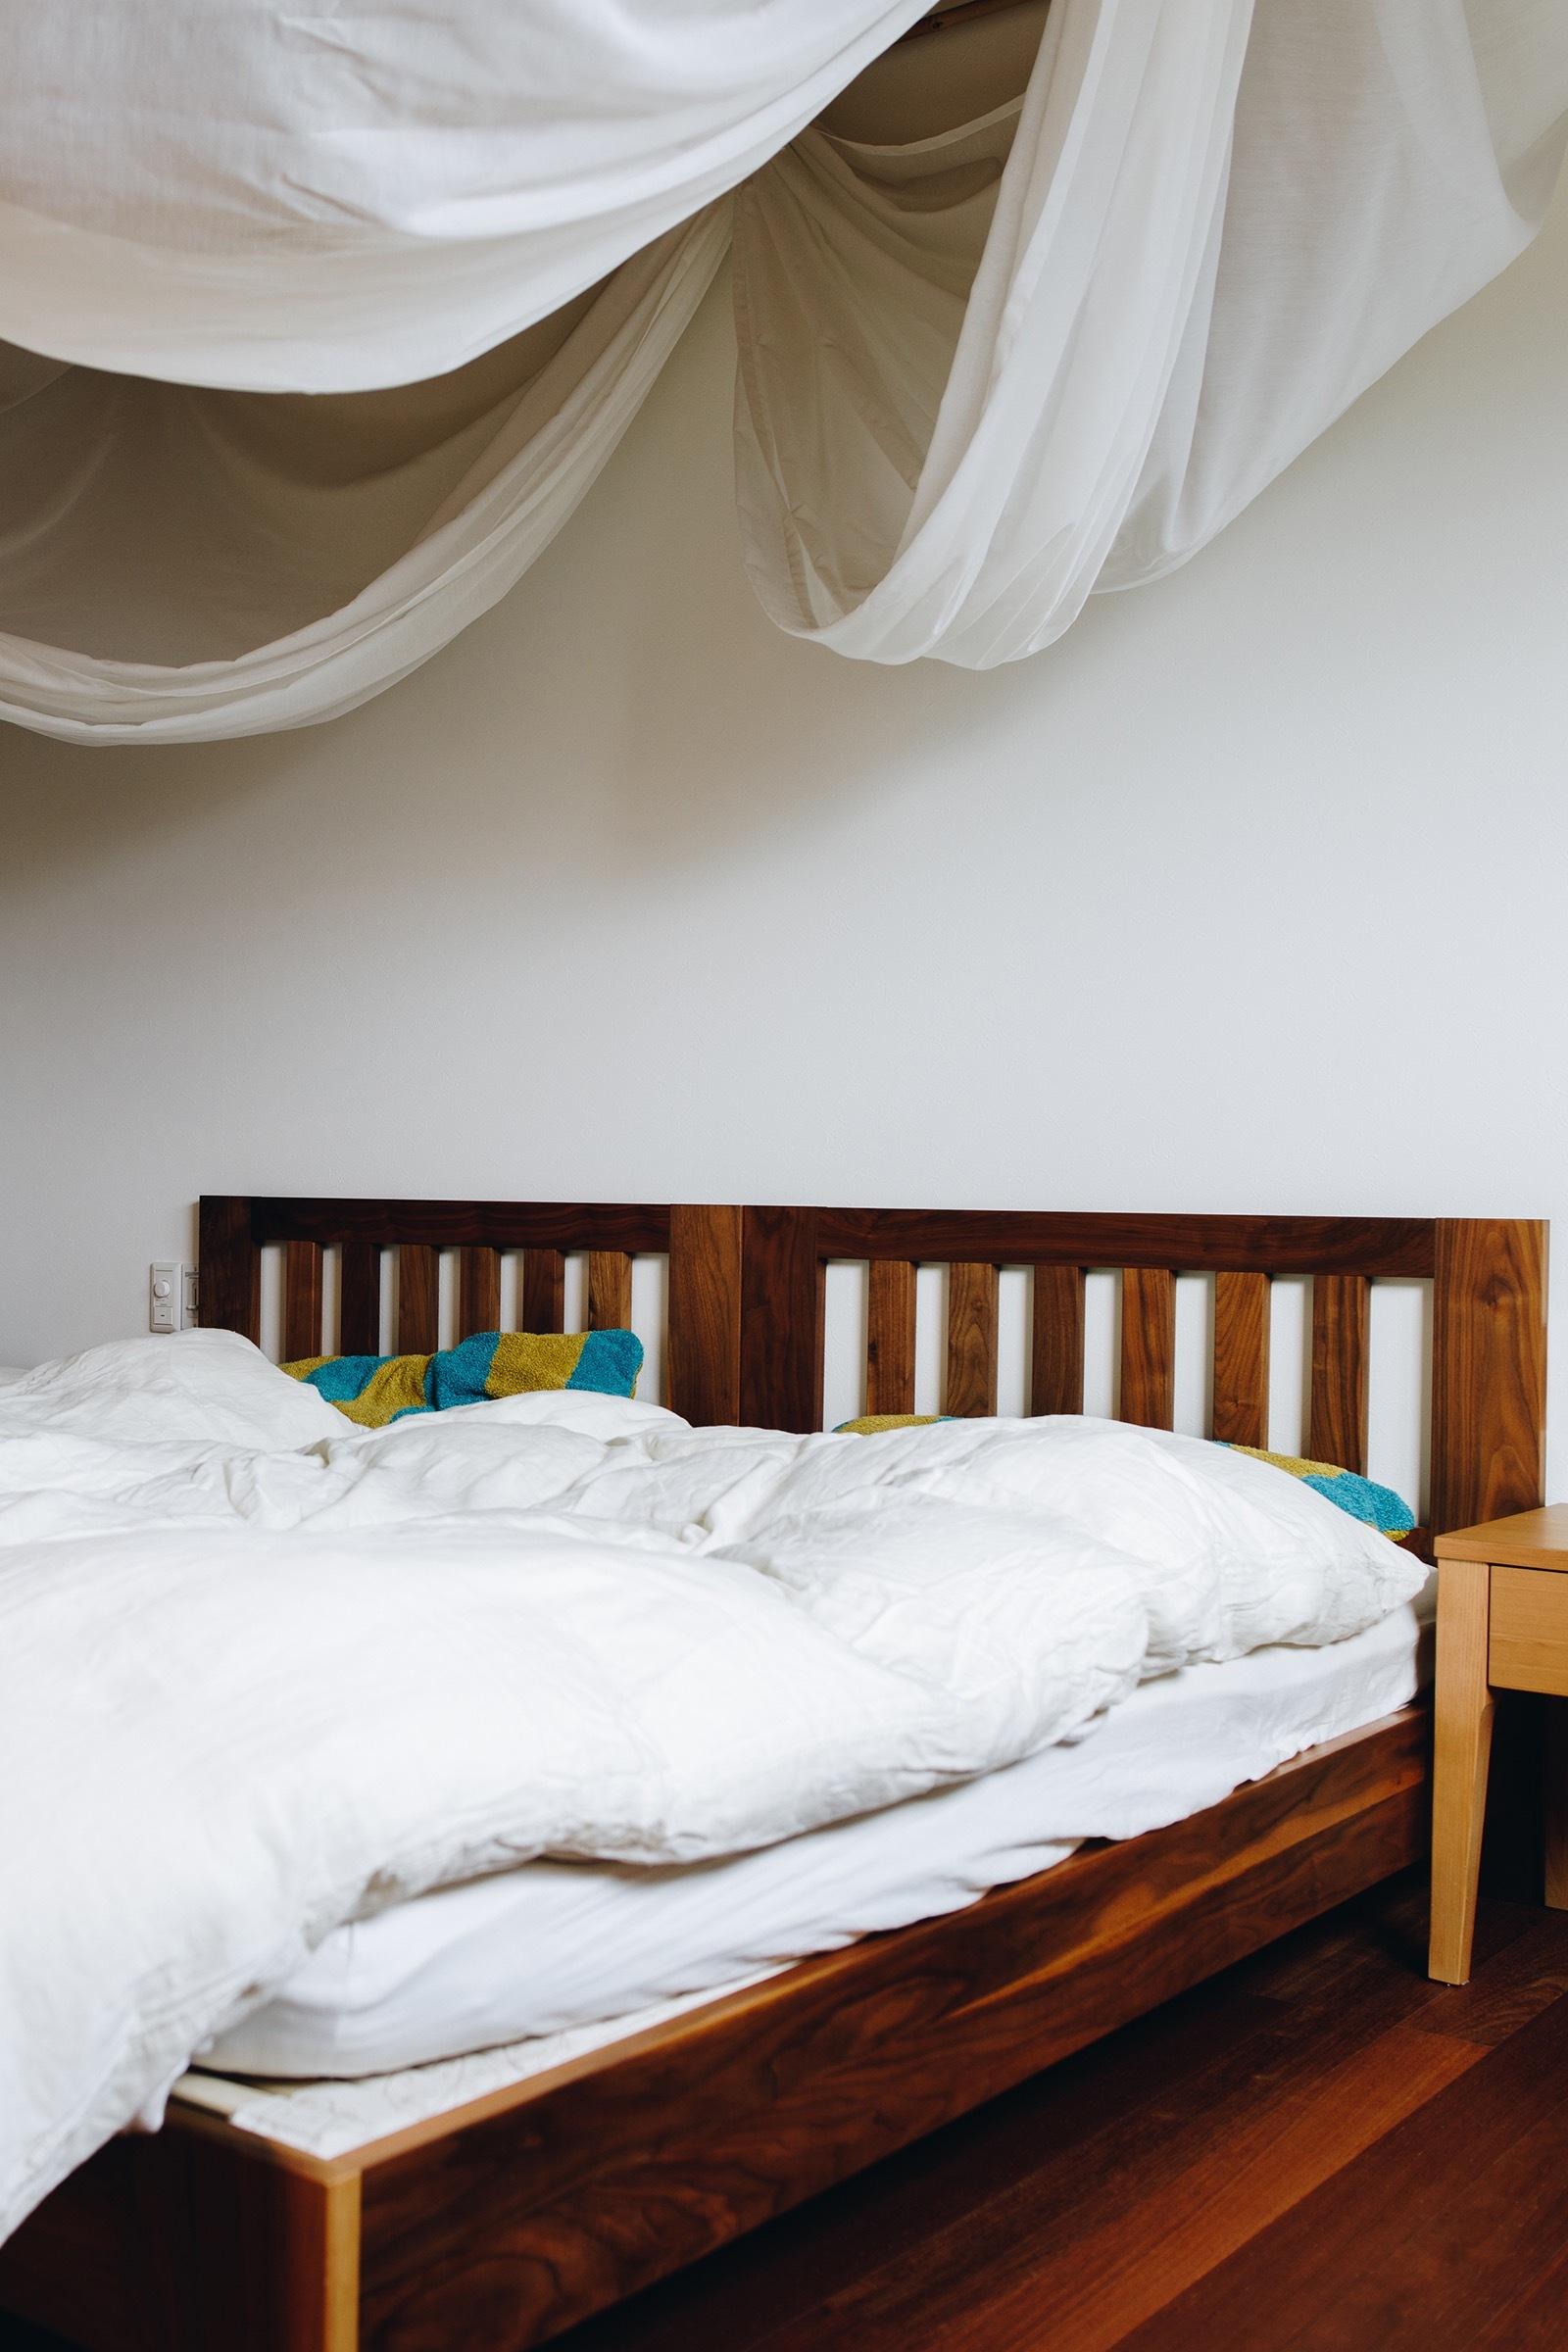 【Relax(リラックス)】 天然素材で作られた、調整できるベッドシステム(シングル/ヘッドボード付き/ウッドスプリング)